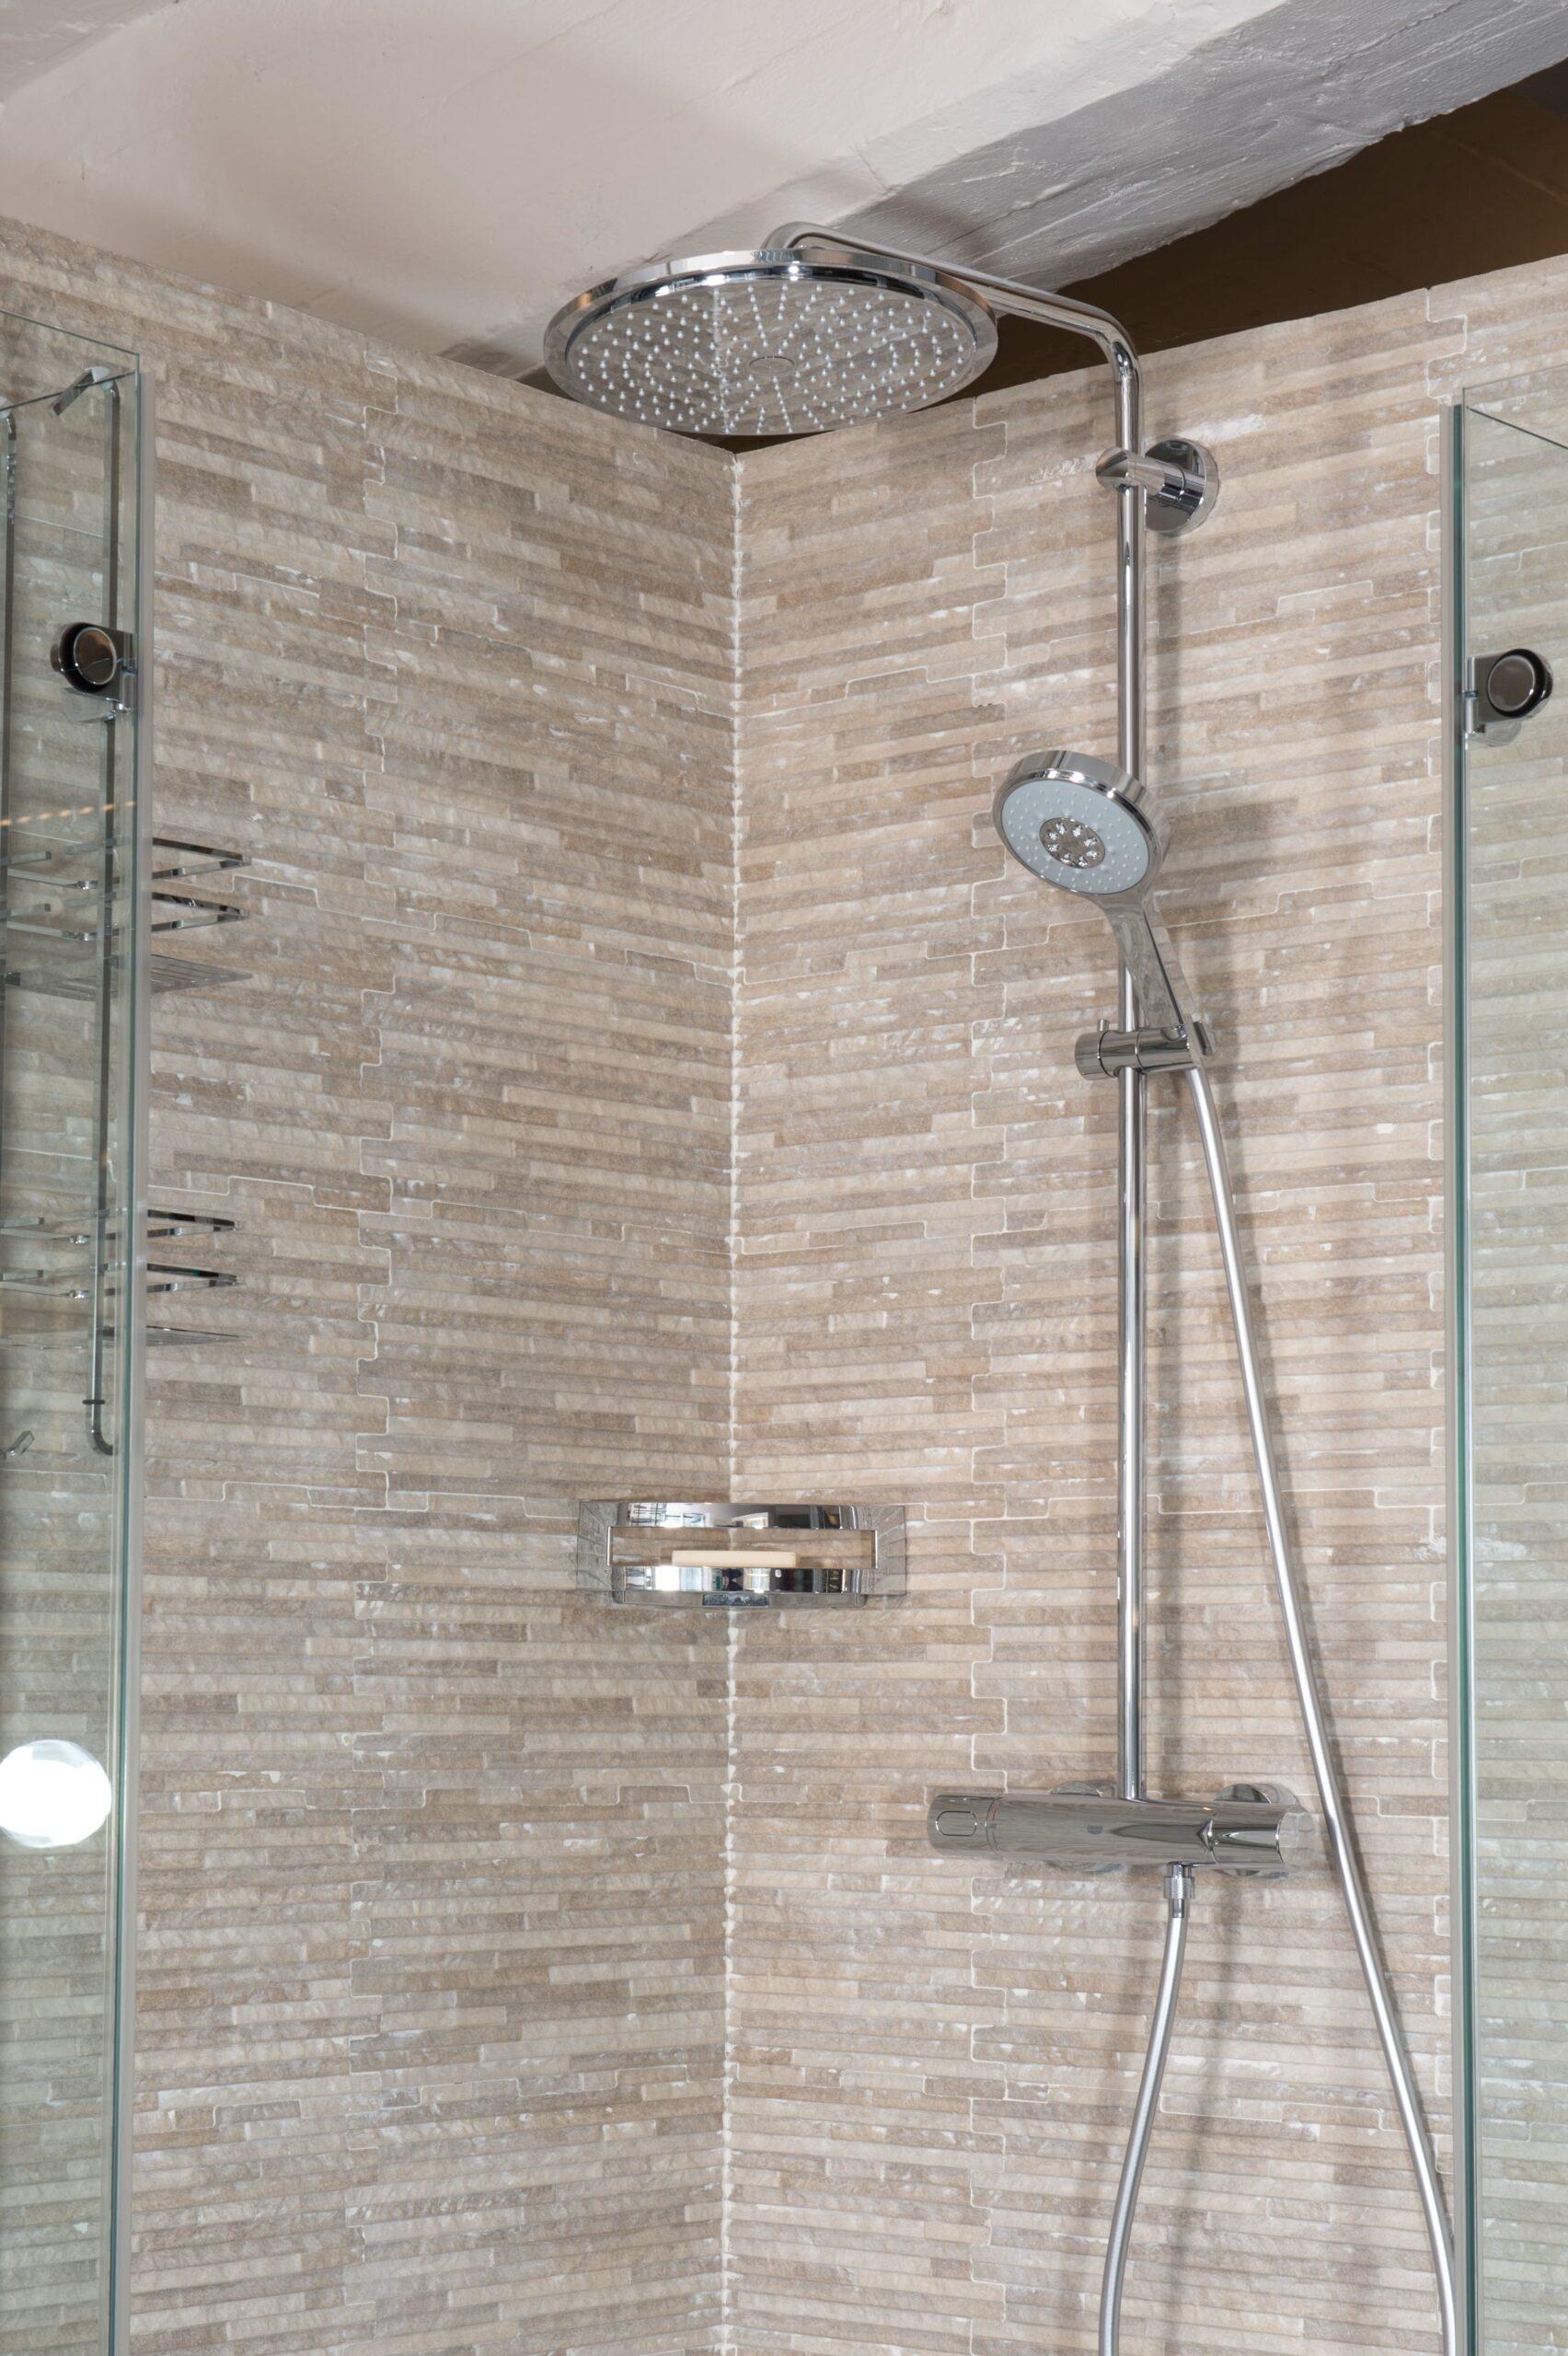 Full Size of Rainshower Dusche Wand Walkin Schulte Duschen Werksverkauf Antirutschmatte Kaufen Grohe Thermostat Glastrennwand Ebenerdige Fliesen Eckeinstieg Breuer Dusche Rainshower Dusche